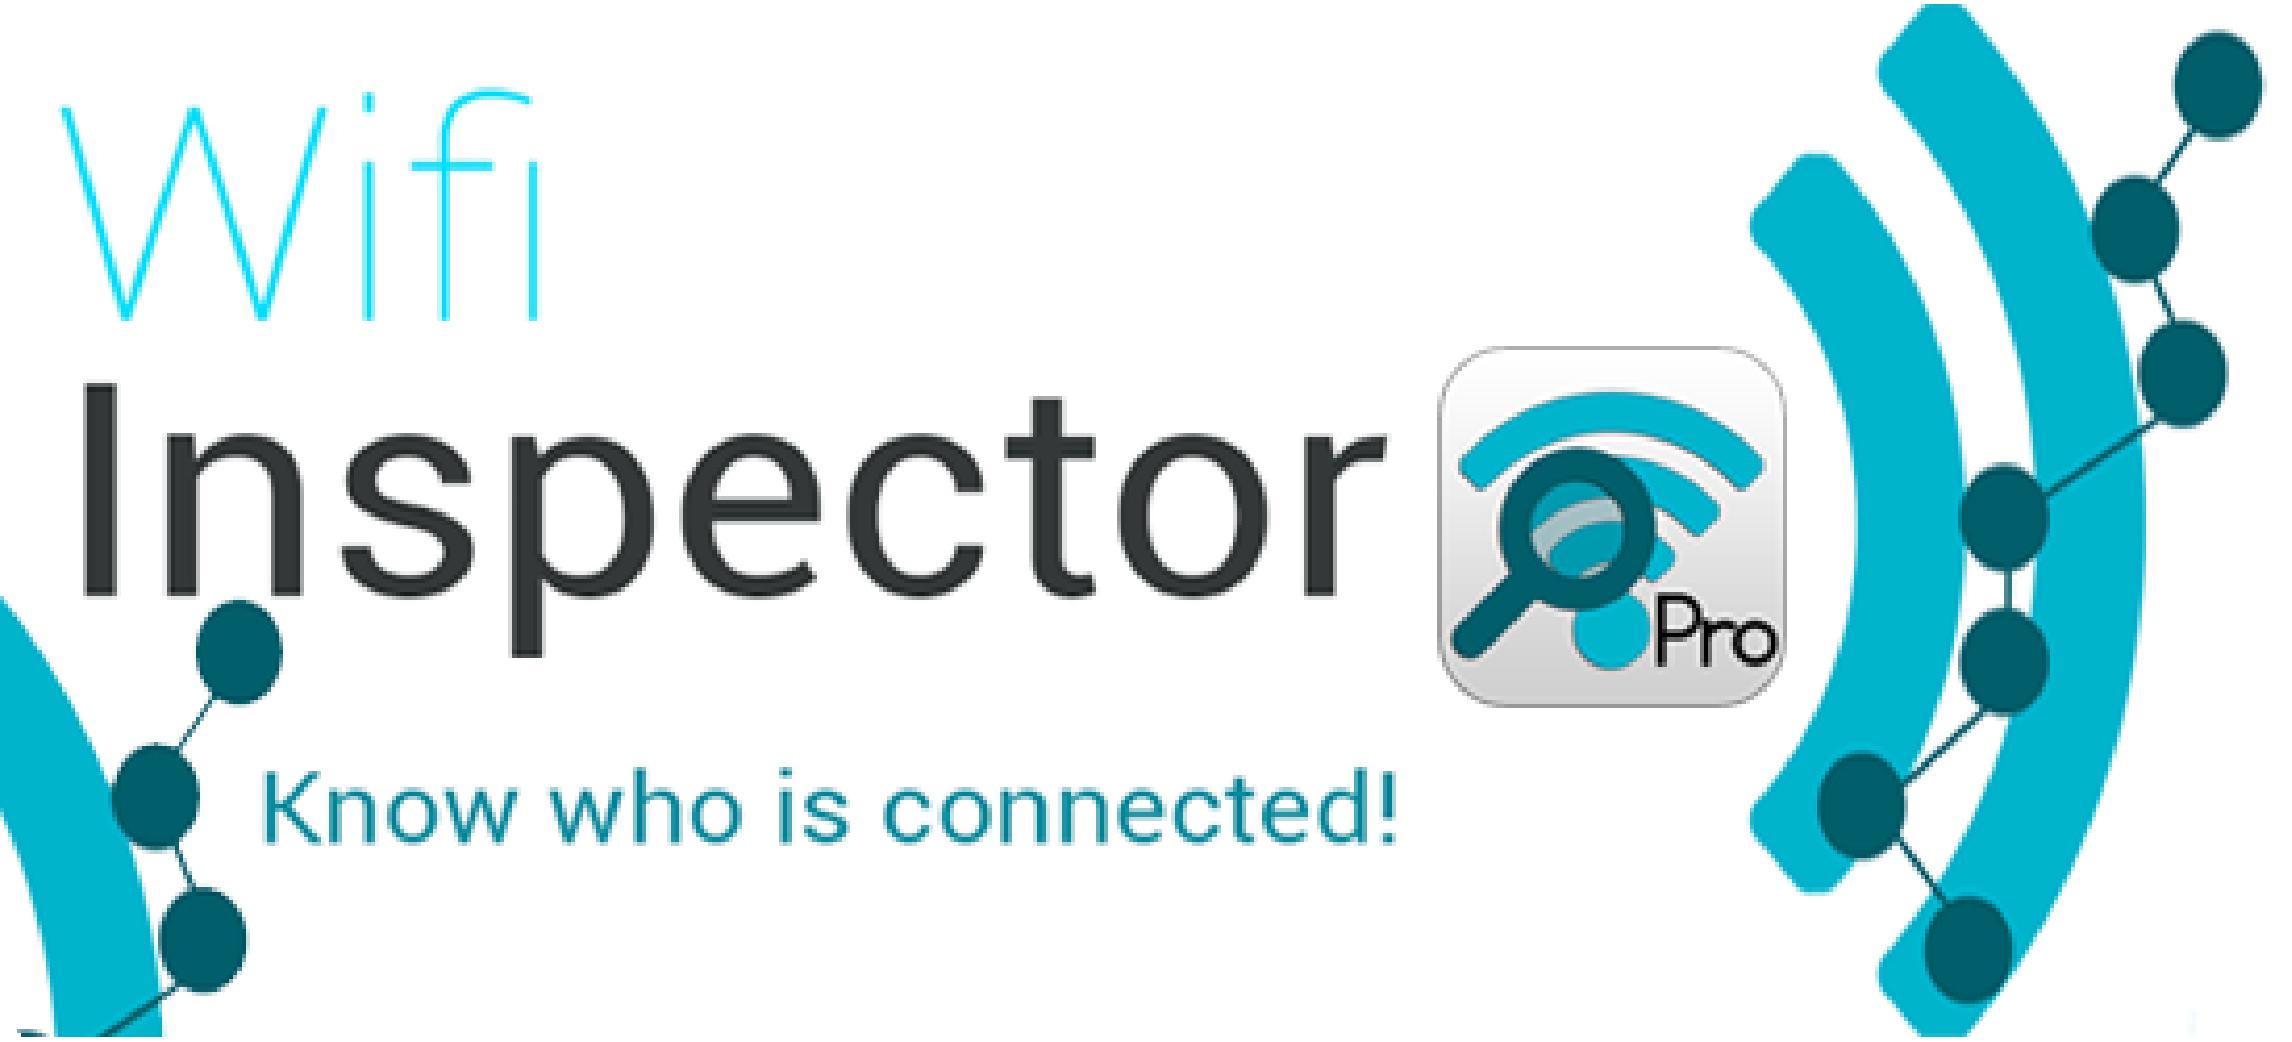 دانلود نرم افزار فوق العاده مدیریت وایفای برای اندروید Wifi Inspector